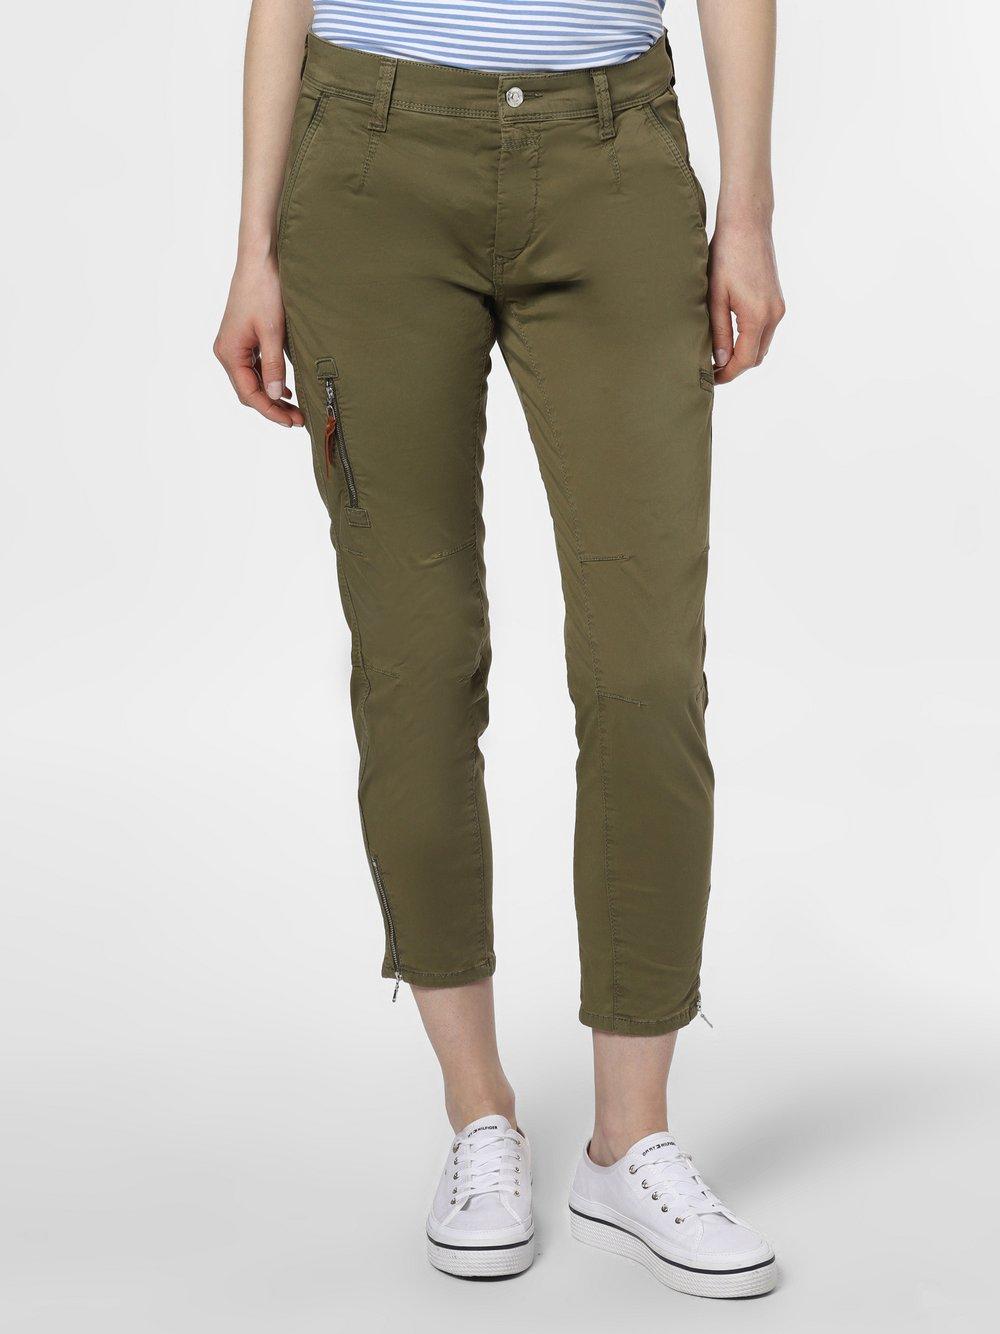 MAC - Spodnie damskie – Rich cargo cotton, zielony